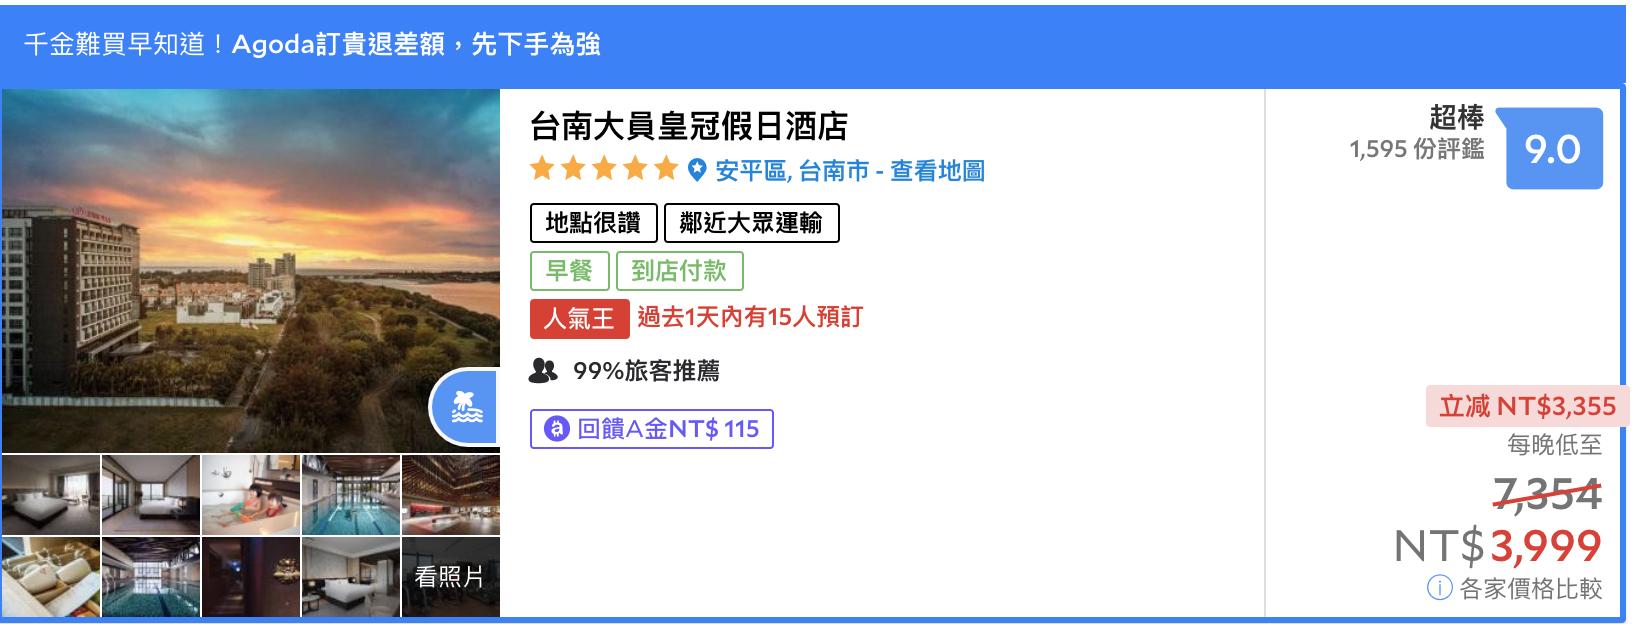 台南假日皇冠,成為會員加一元升等房型,5/31前訂房,可升等陽台房~最低3K可入住升等房型~